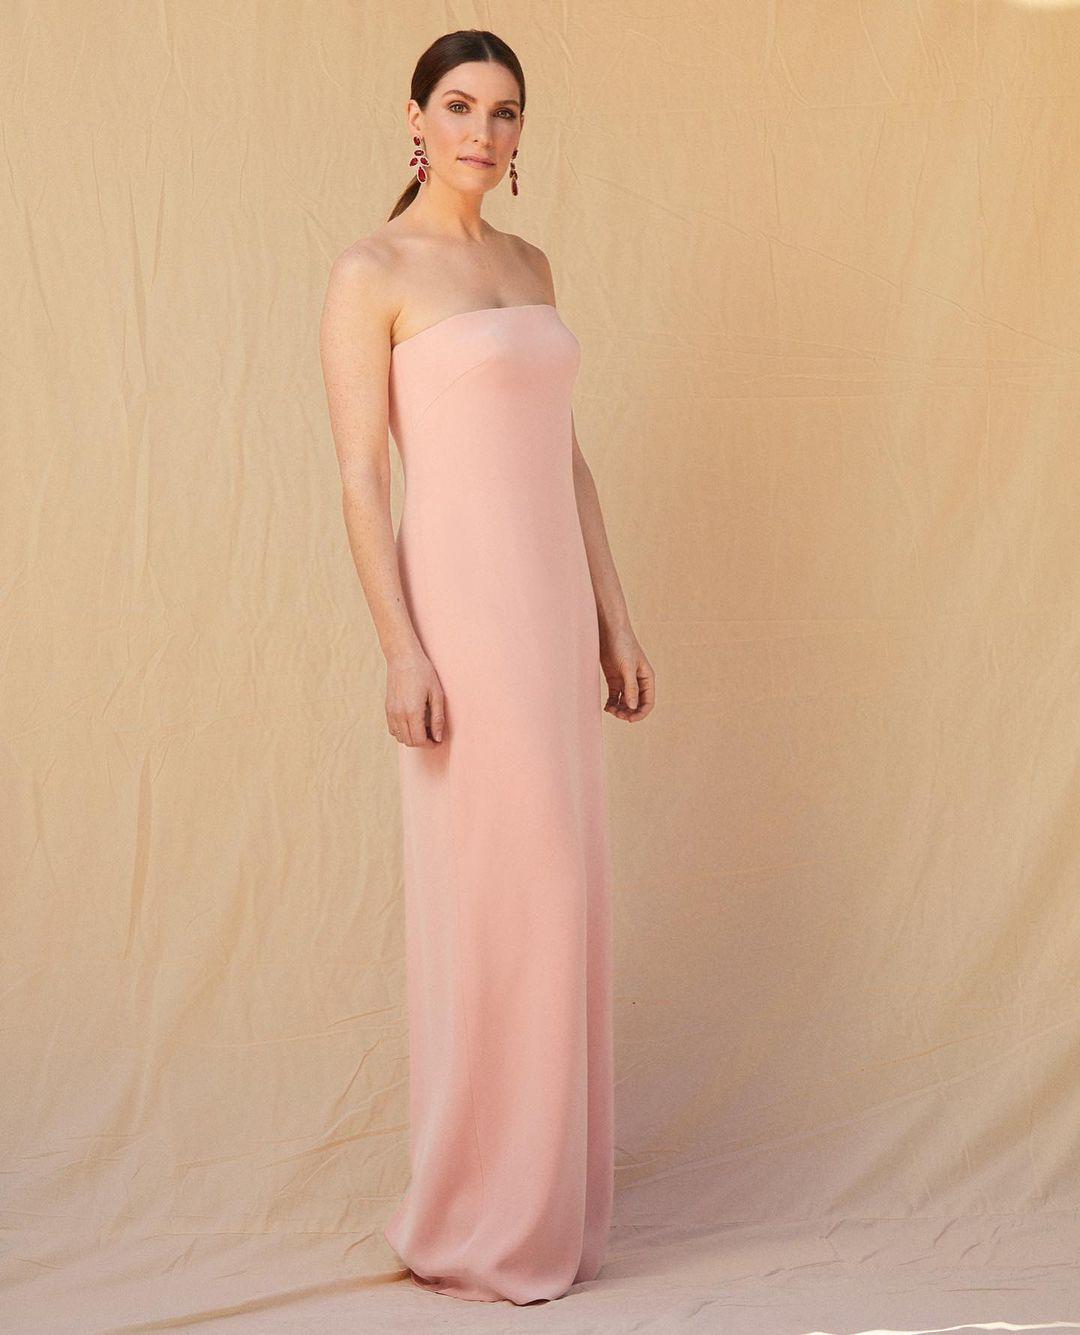 Sarah Levy escogió el minimalismo en diseño con una tonalidad nude. Es un traje de Monique Lhuillier.